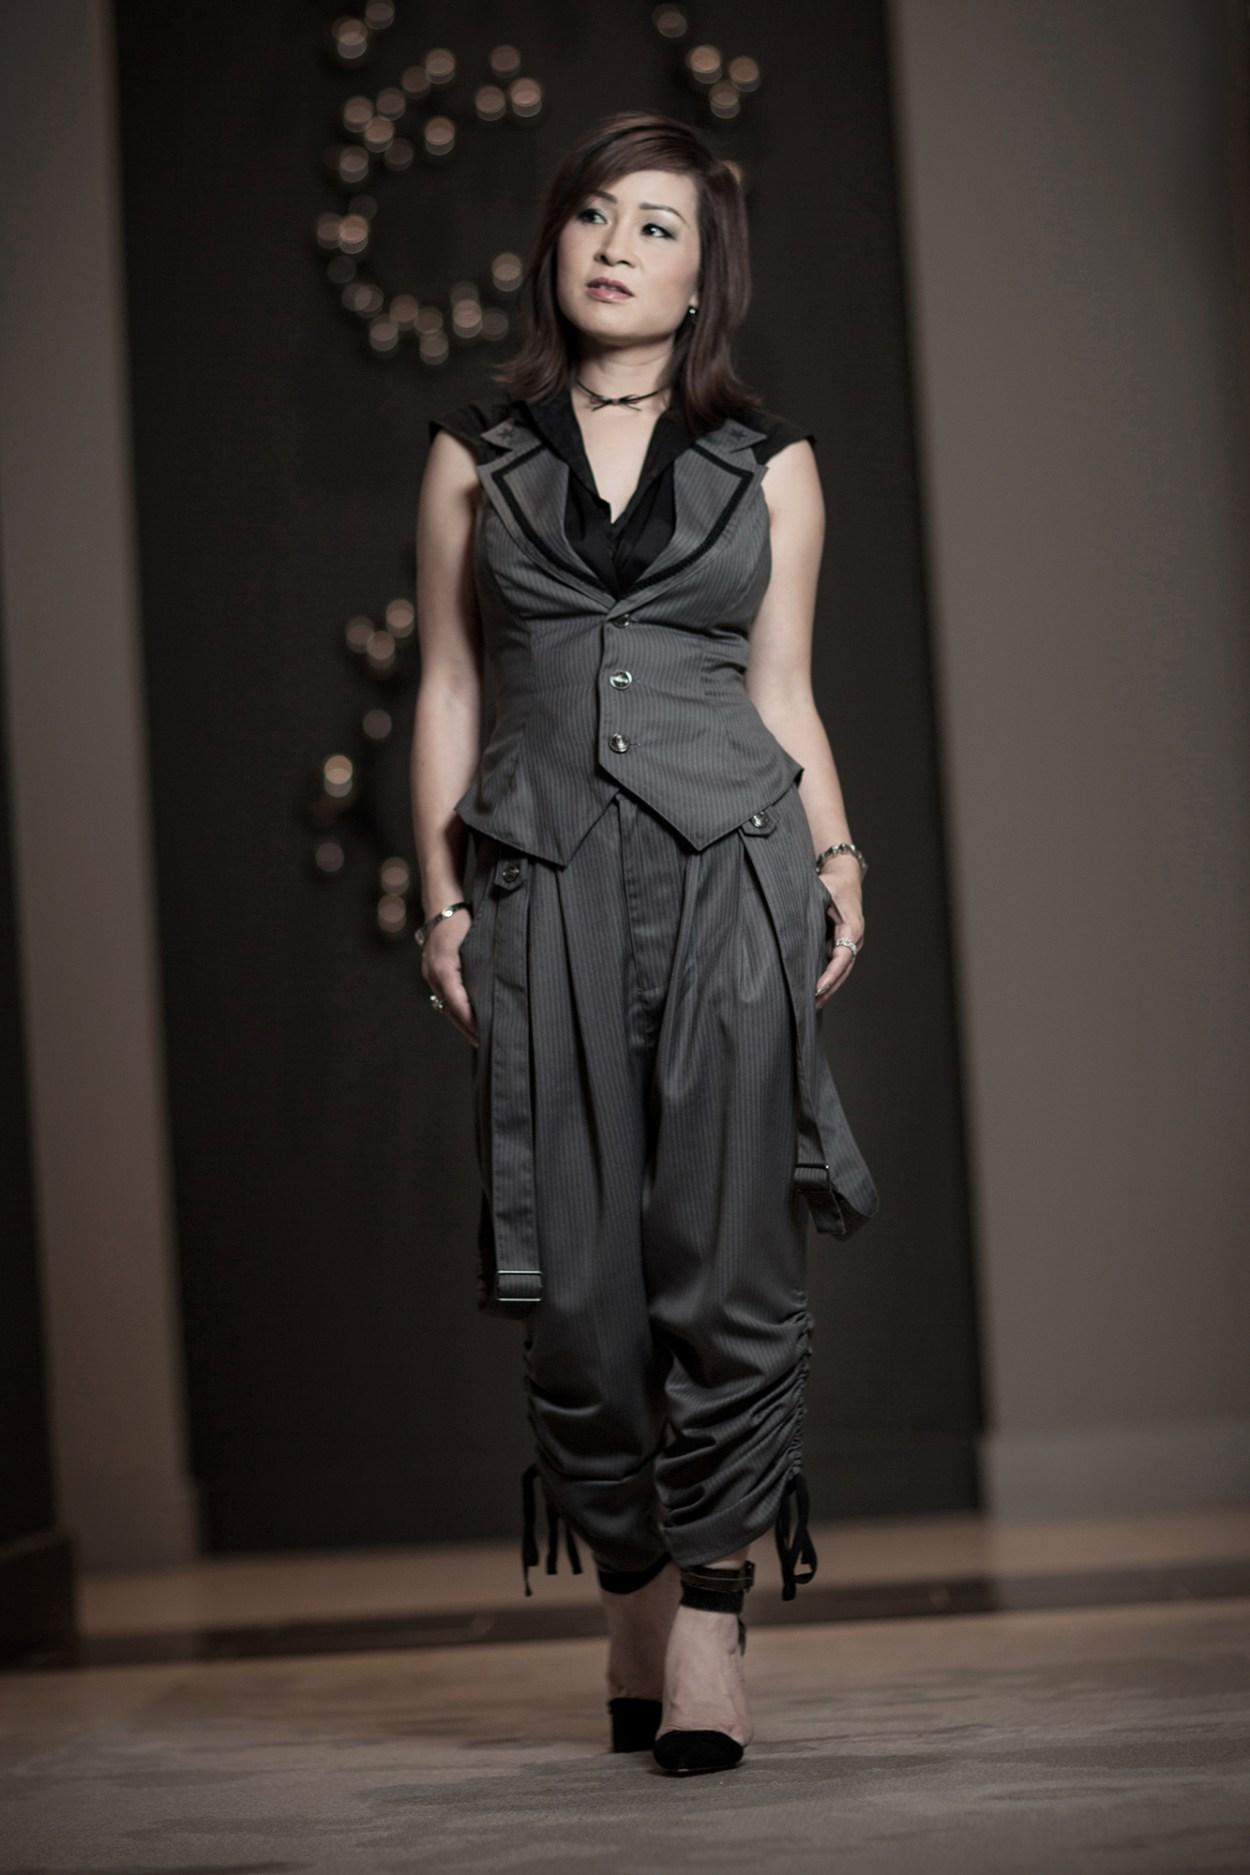 18-Putamayo-Suit-Fashion-Style-Elegant-JFashion-Fashion-Chic